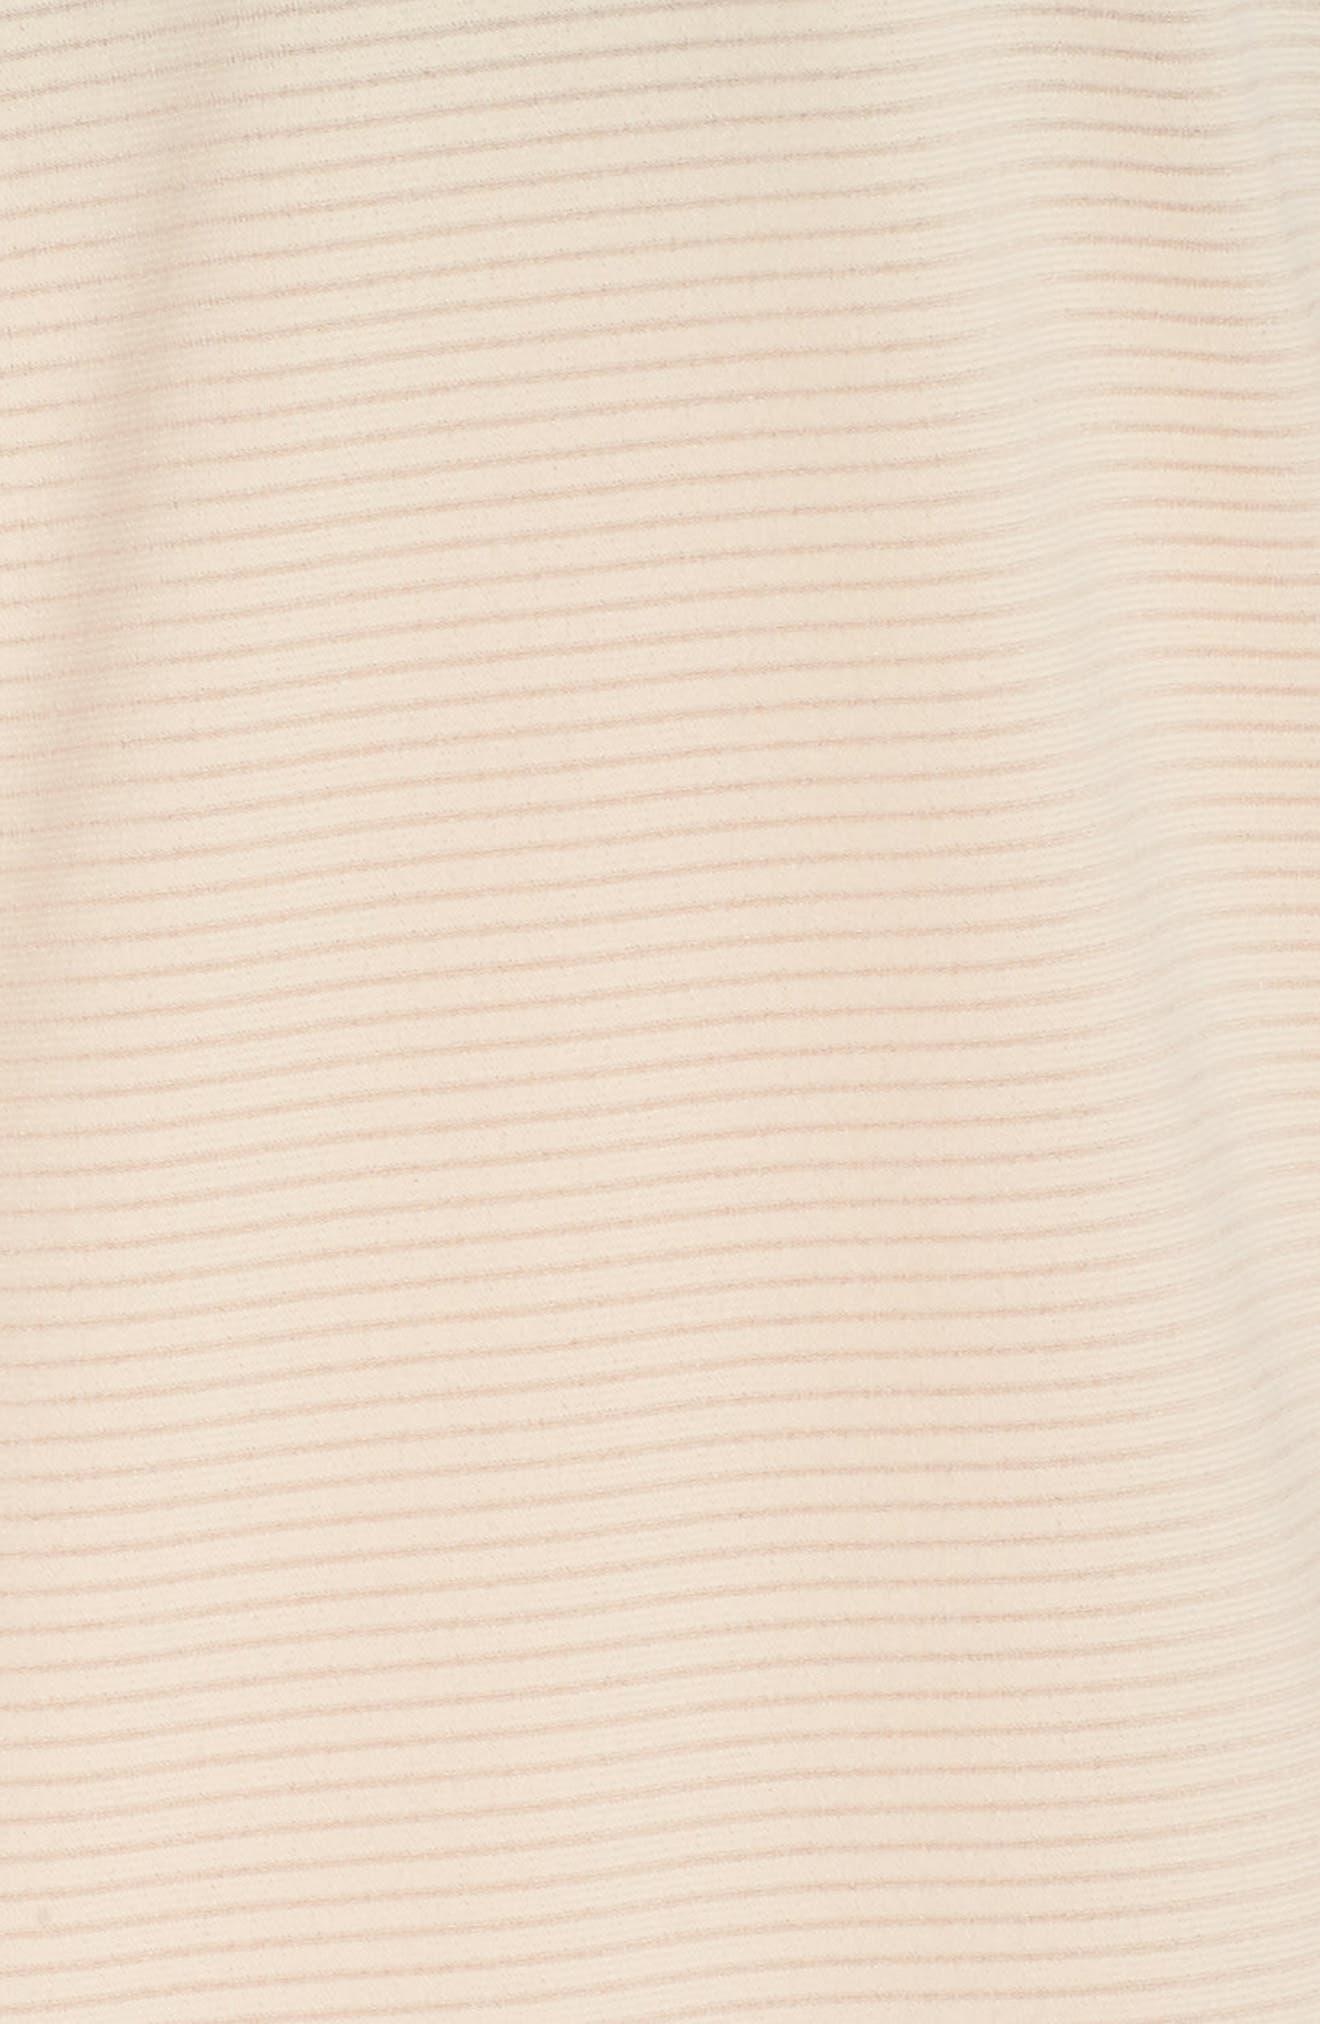 Body Work Stripe Tank,                             Alternate thumbnail 6, color,                             Coral Pale